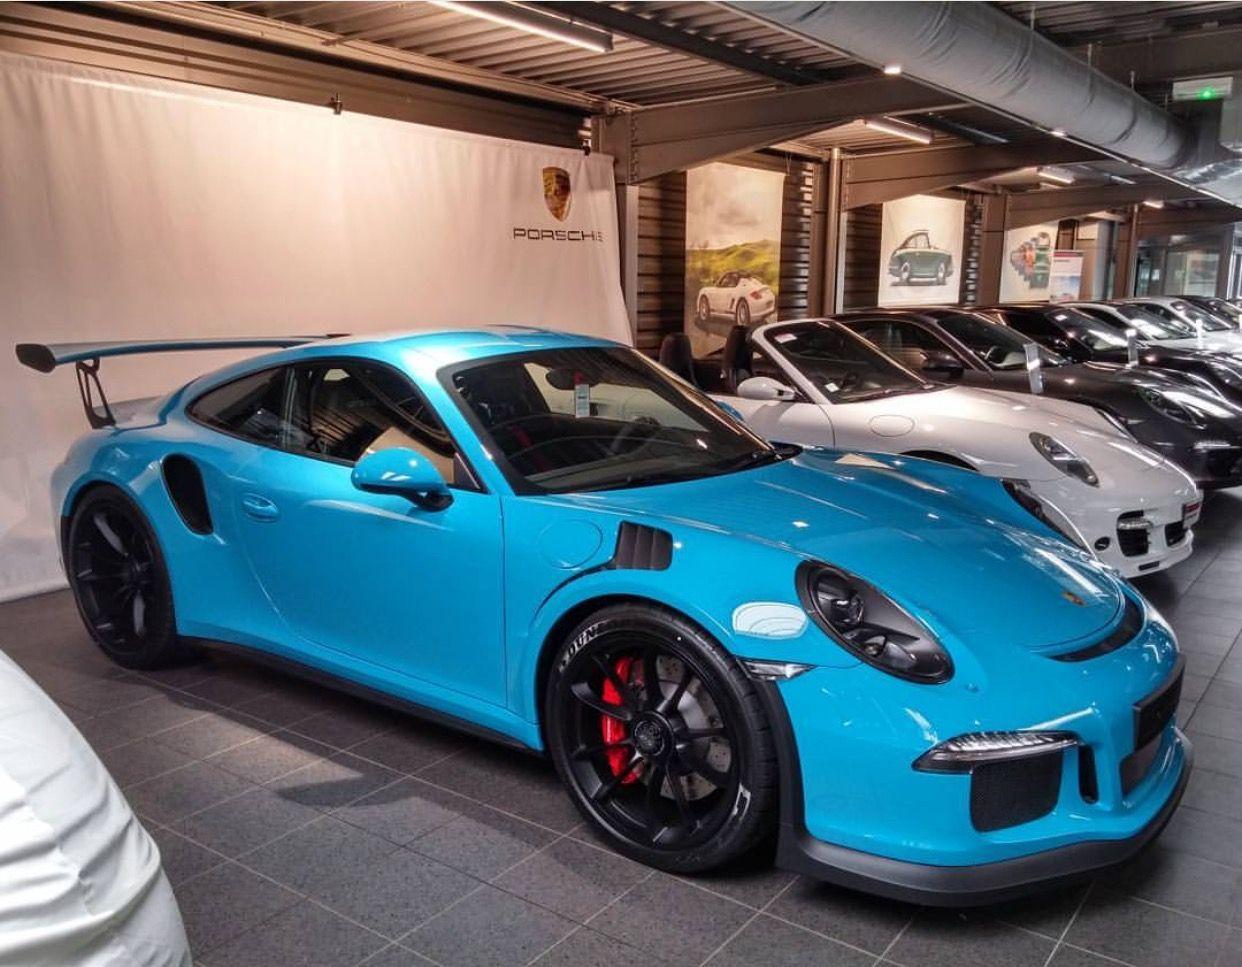 Porsche 991 Gt3 Rs Painted In Miami Blue Photo Taken By Aymericborirvent On Instagram In 2020 Porsche 991 Porsche 991 Gt3 Porsche Gt3